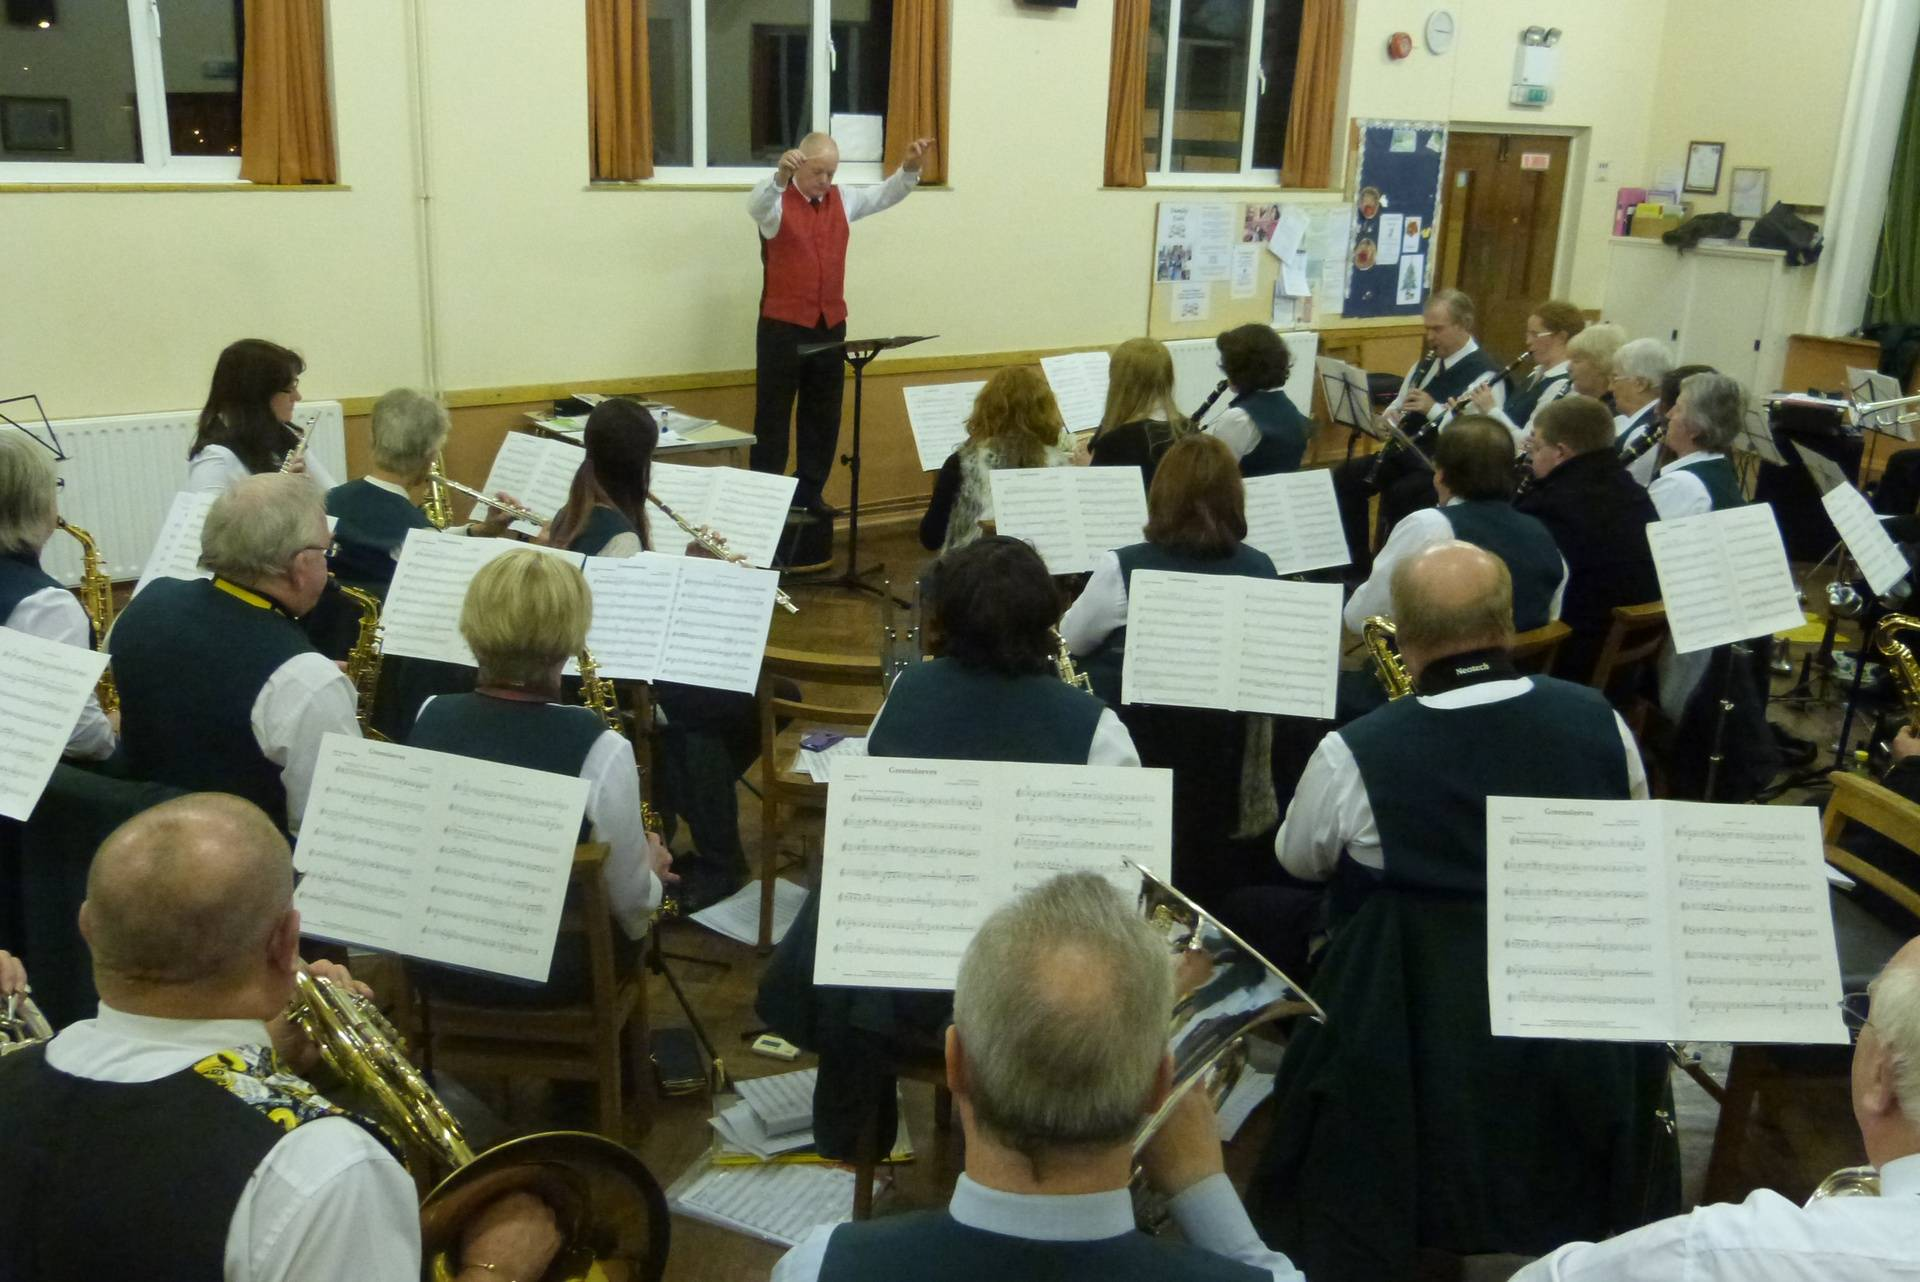 Rehearsal - November 2012